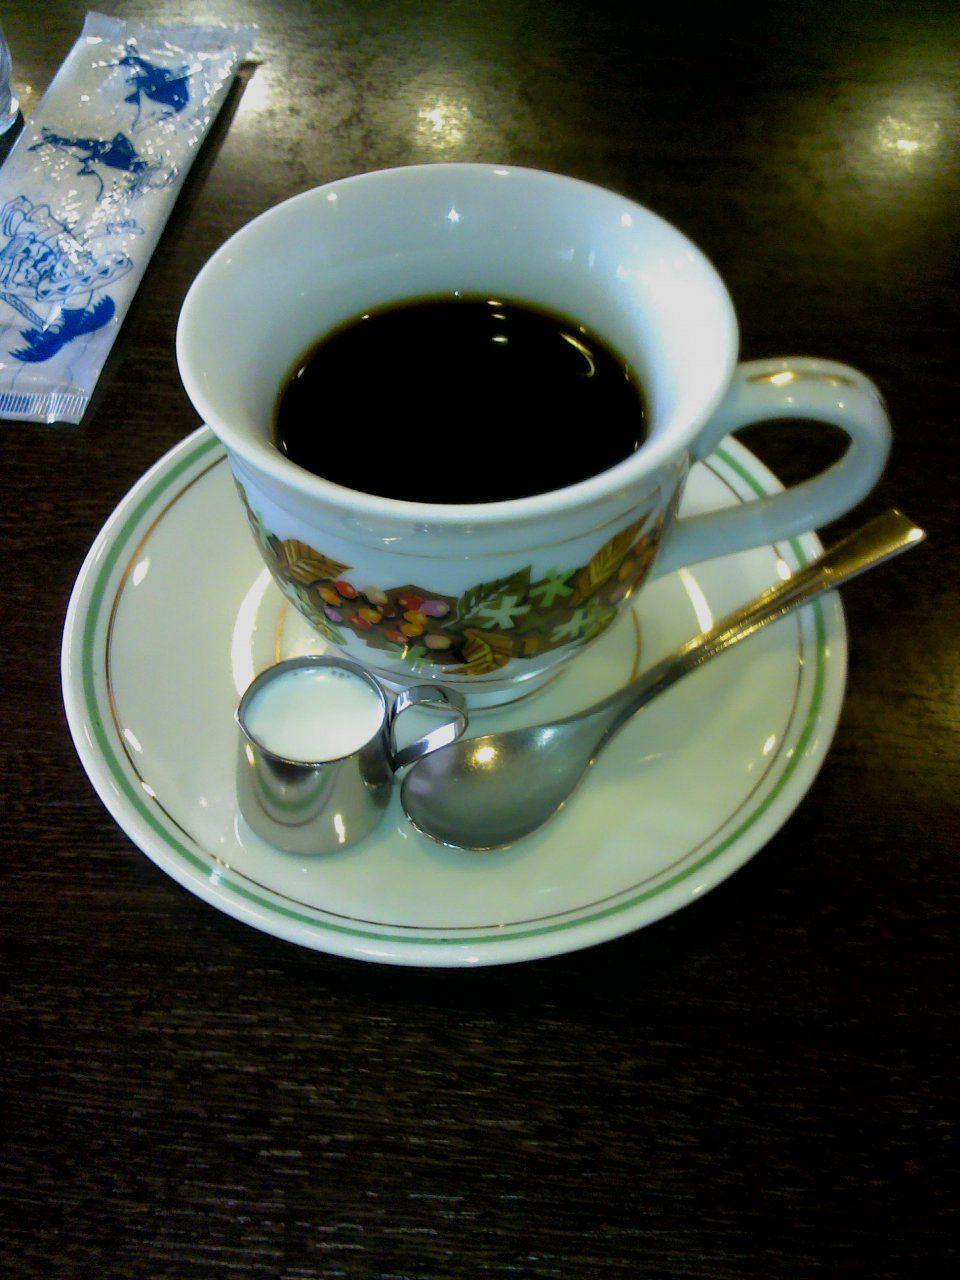 おはよう&おさぼり喫茶店案内 : 江戸川区・小岩 ラフォーレ